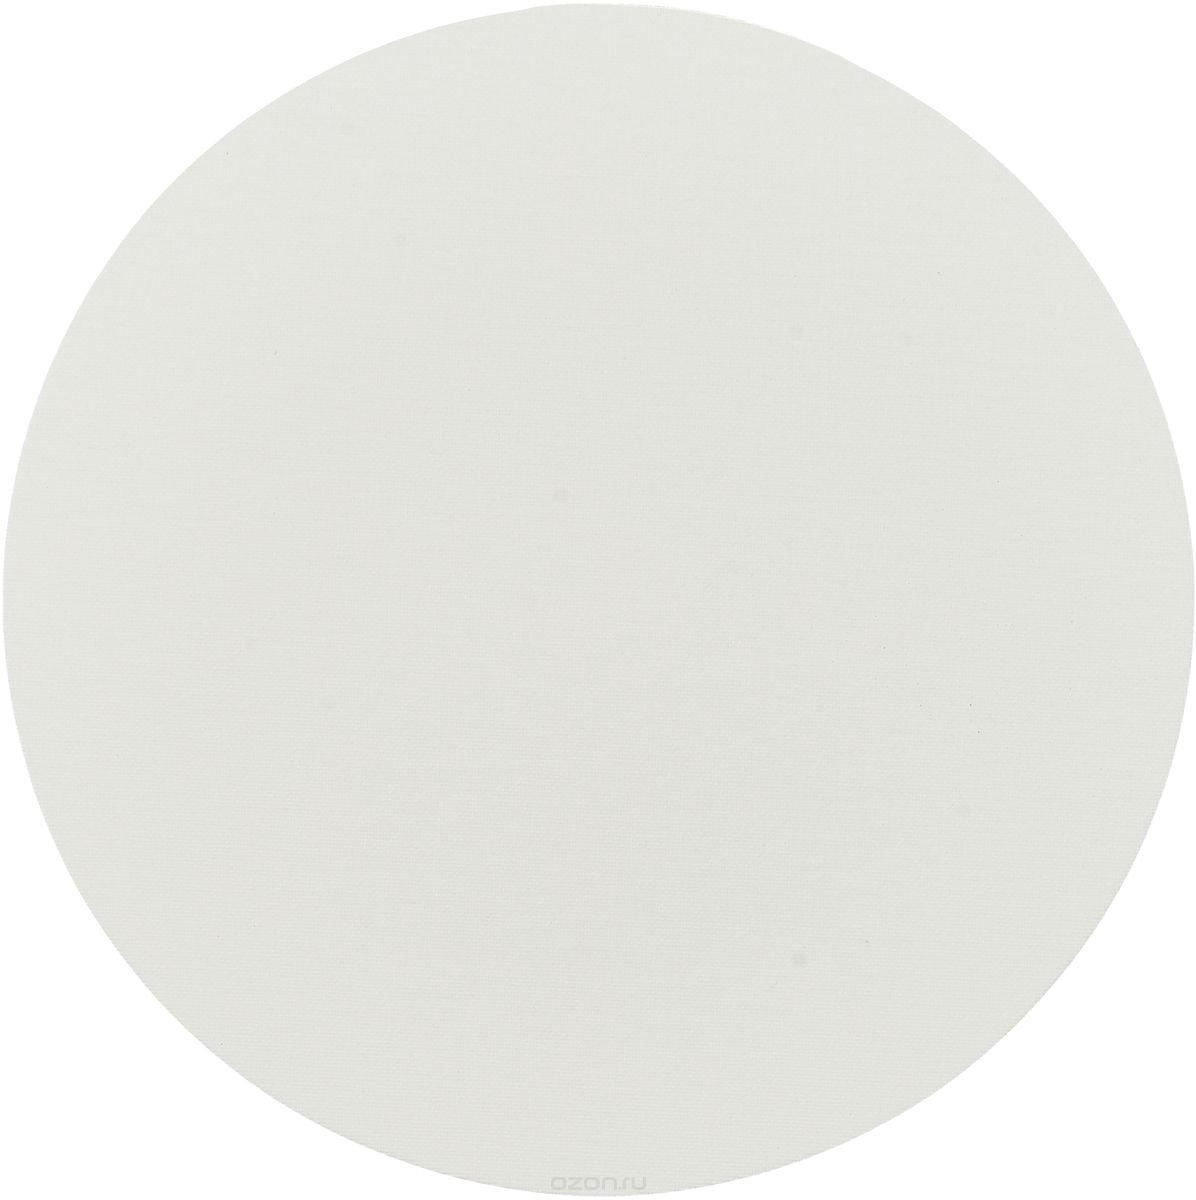 Холст Малевичъ на картоне круглый, диаметр 24 см